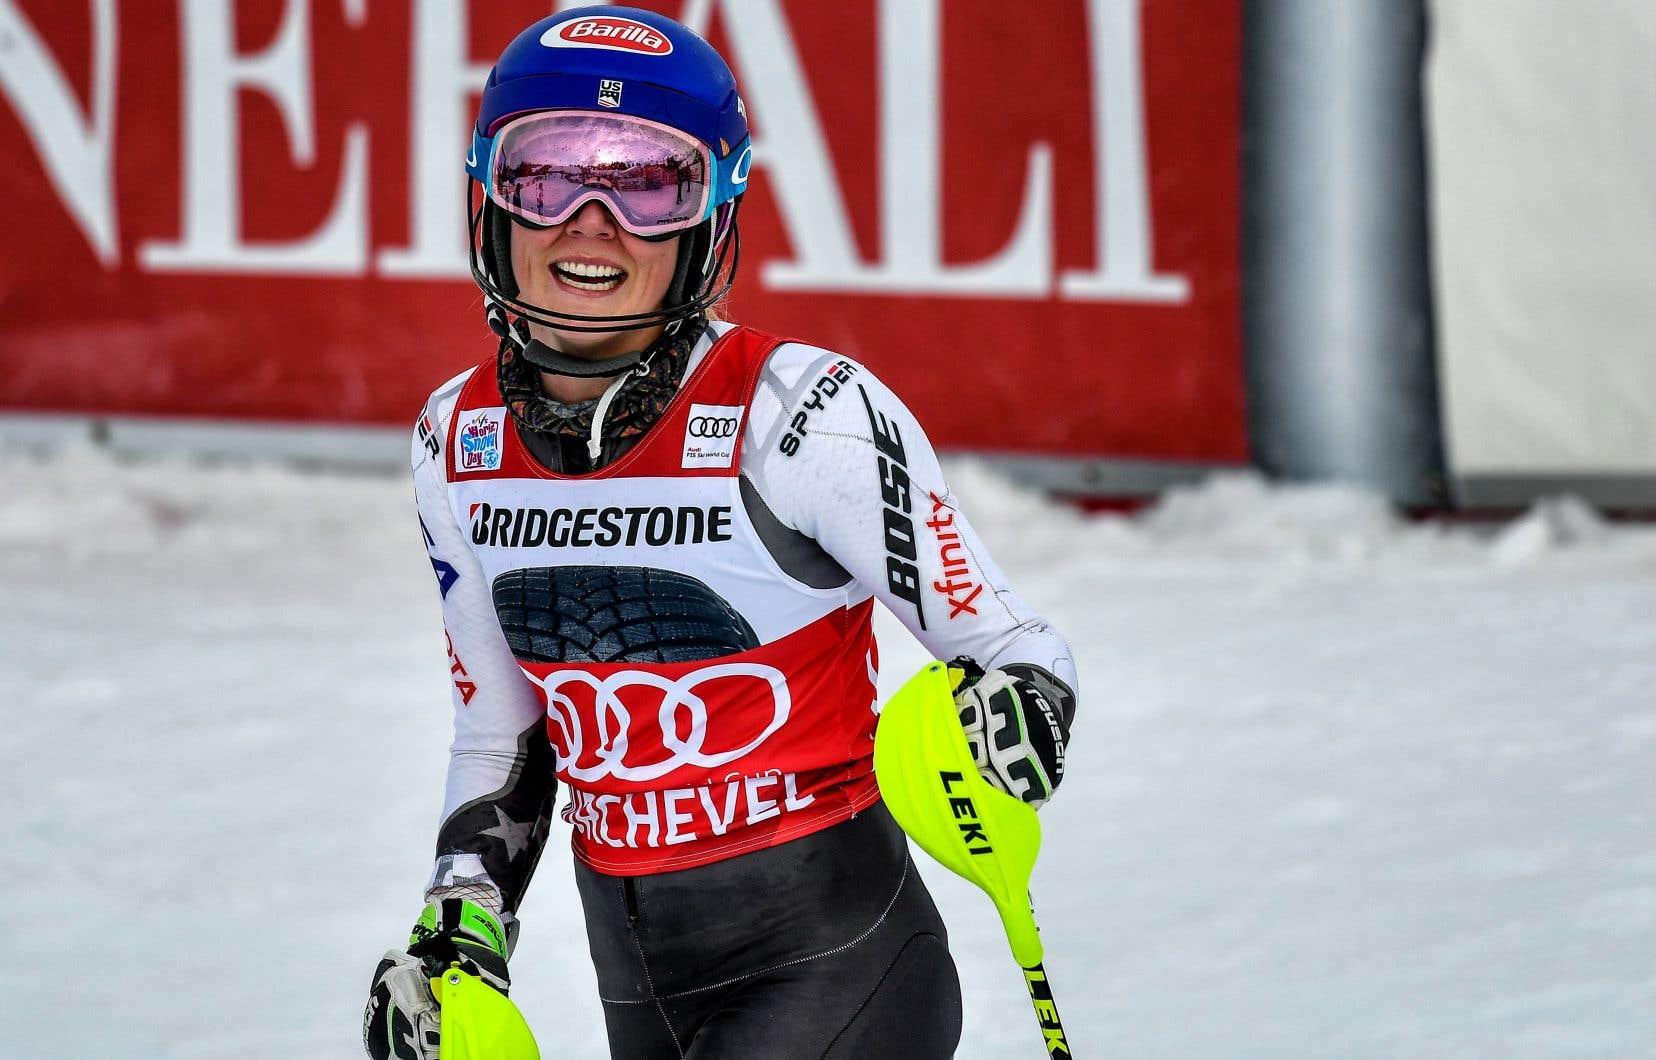 Mikaela Shiffrin a rejoint son idole d'enfance, l'Autrichienne Marlies Schild, avec 35 victoires en slalom sur le circuit de la Coupe du monde.